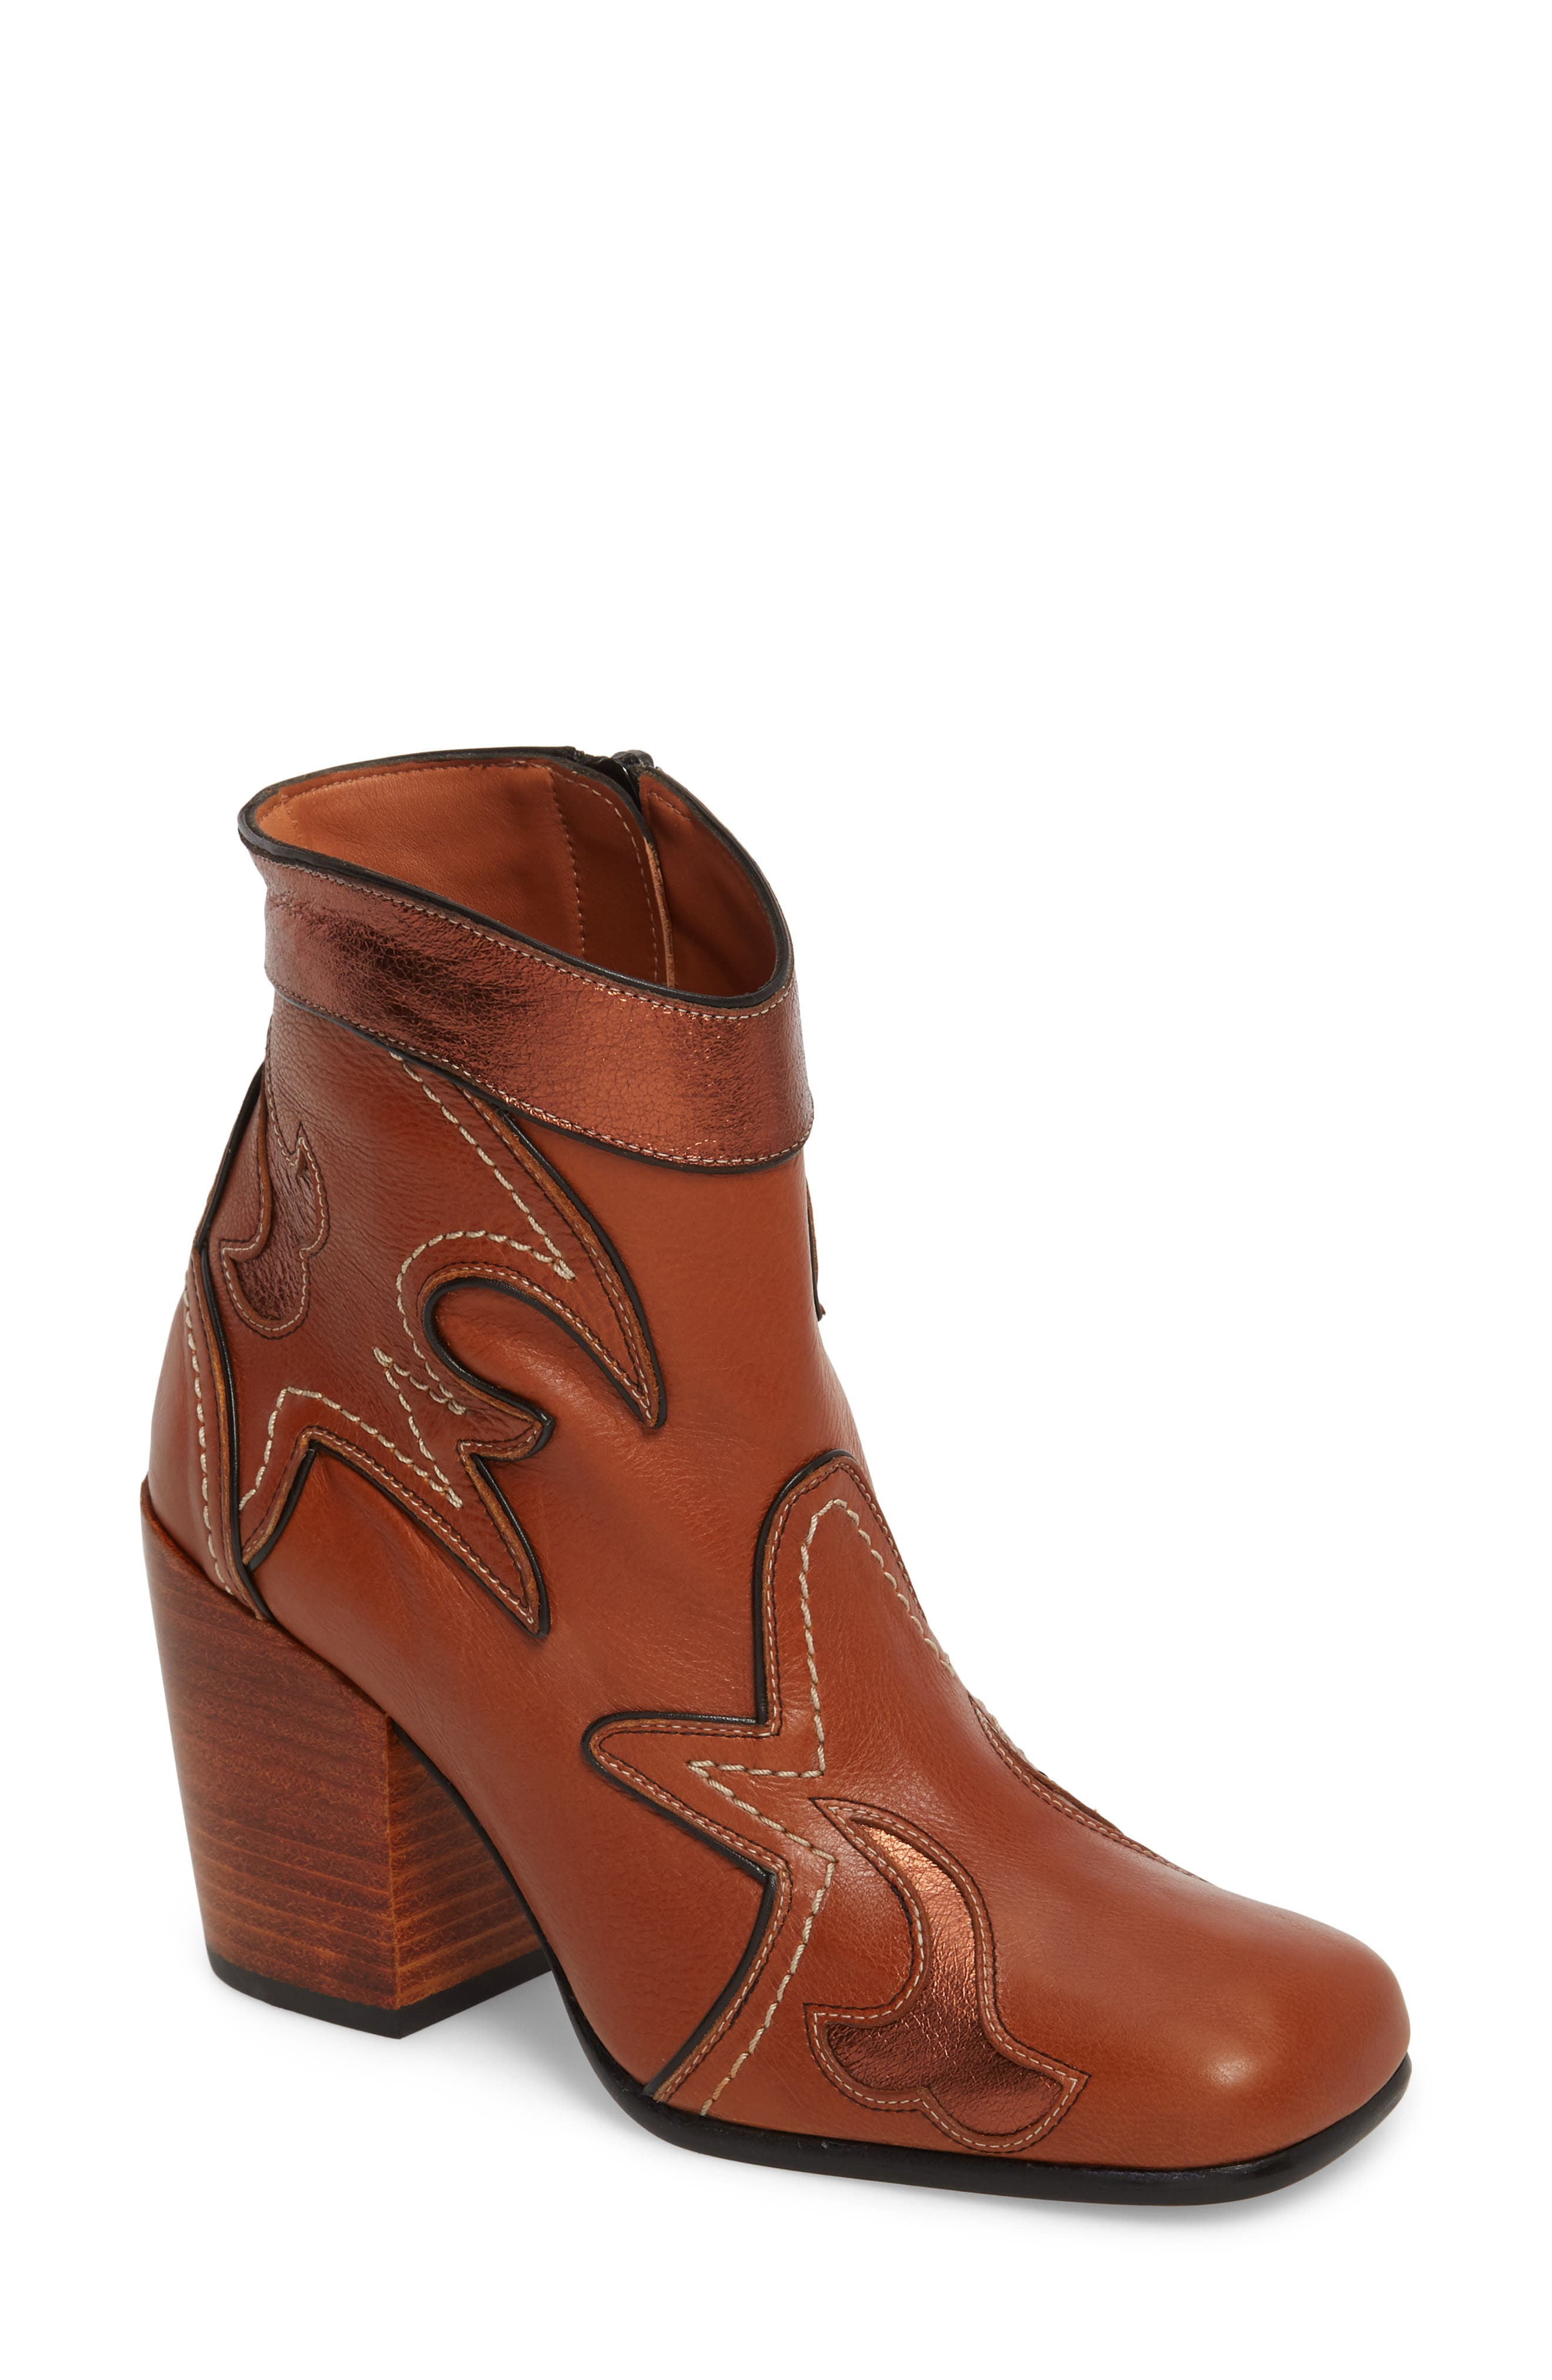 Womens Boots chestnut suede chestnut coach jessie silky nappa es3y71d4